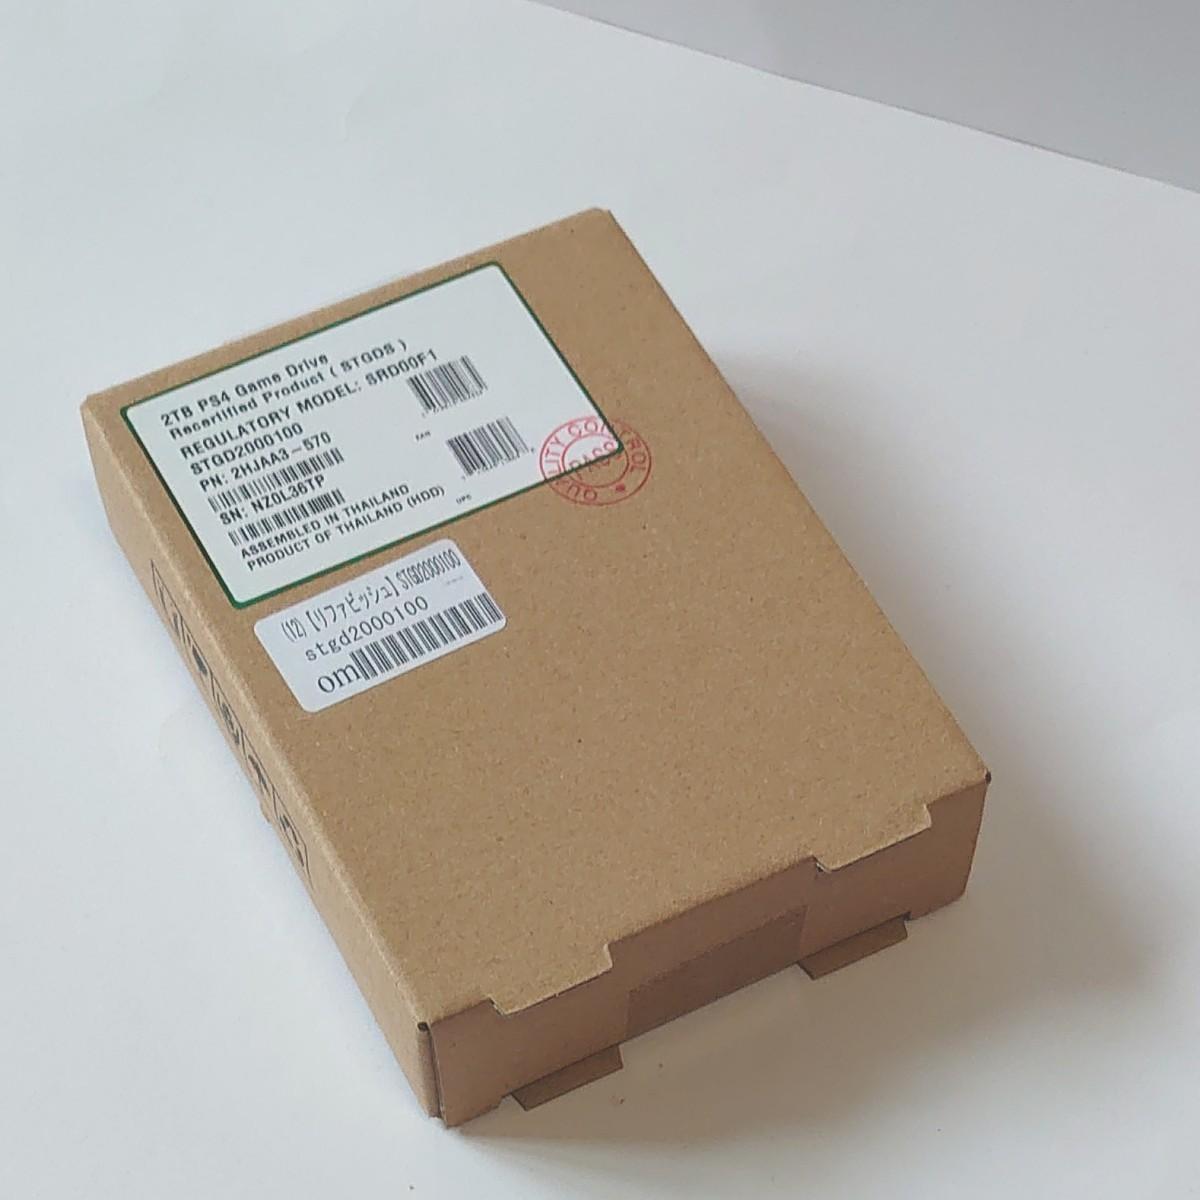 ポータブルHDD 2TB game drive PS4 PS5 ハードディスク お買い得